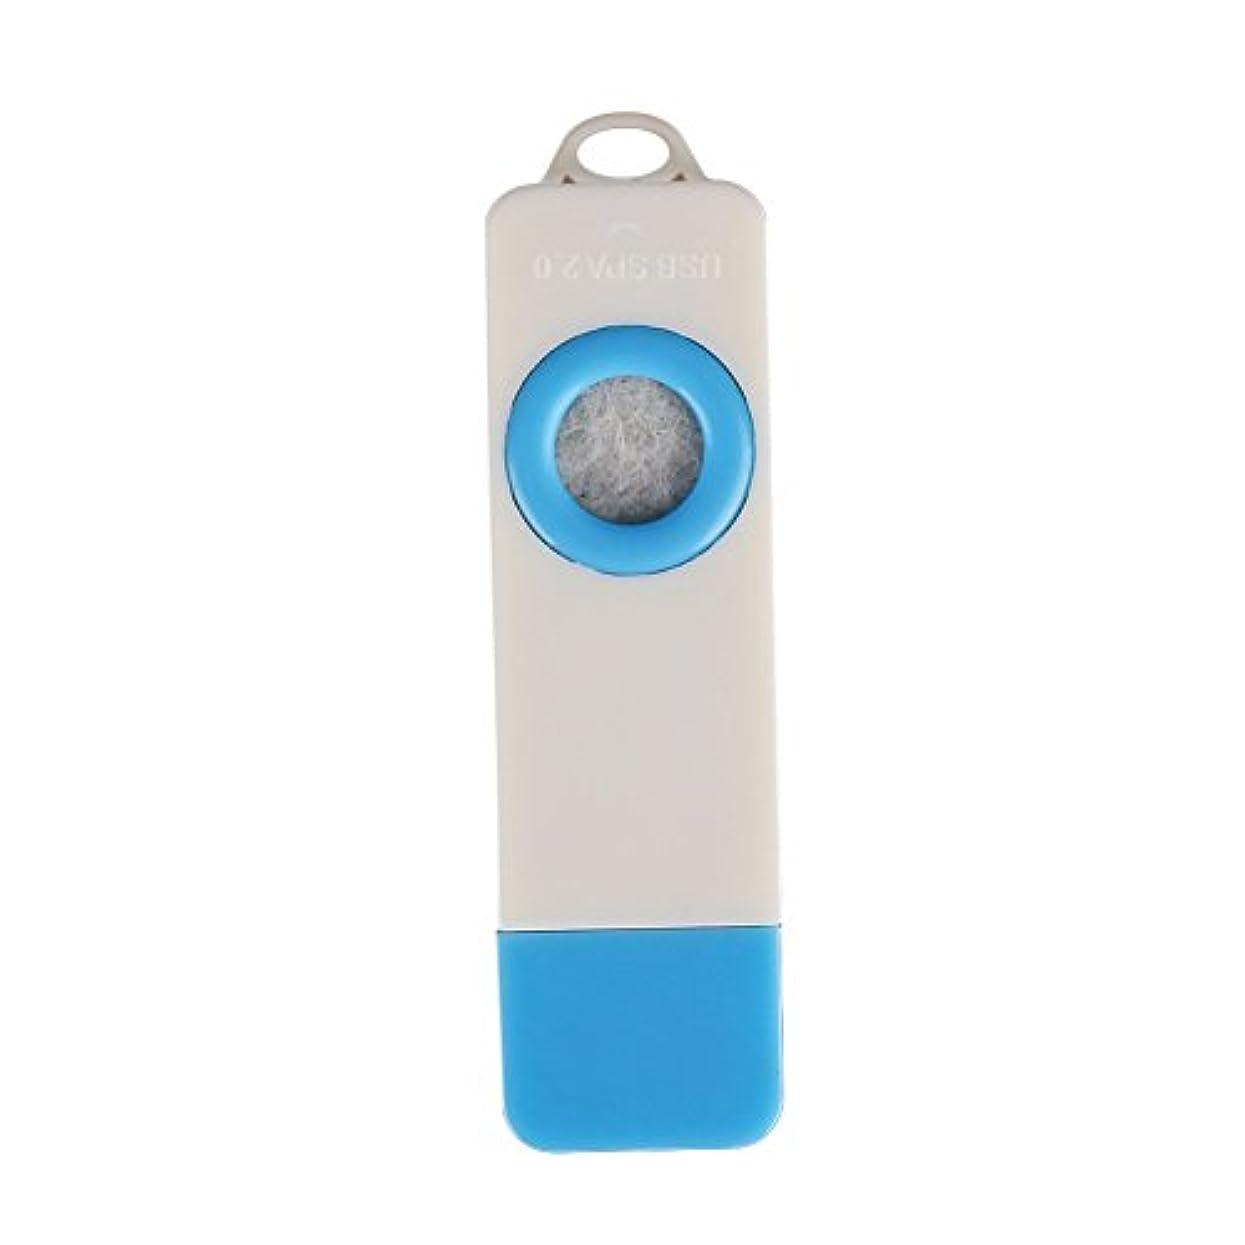 栄光のハイキング休憩するTOPmountain ファッションミニ USBアロマセラピーディフューザー ポータブル自動香 カーアクセサリーアクセサリー ホームアロマセラピー 健康アロマ オイル加湿器